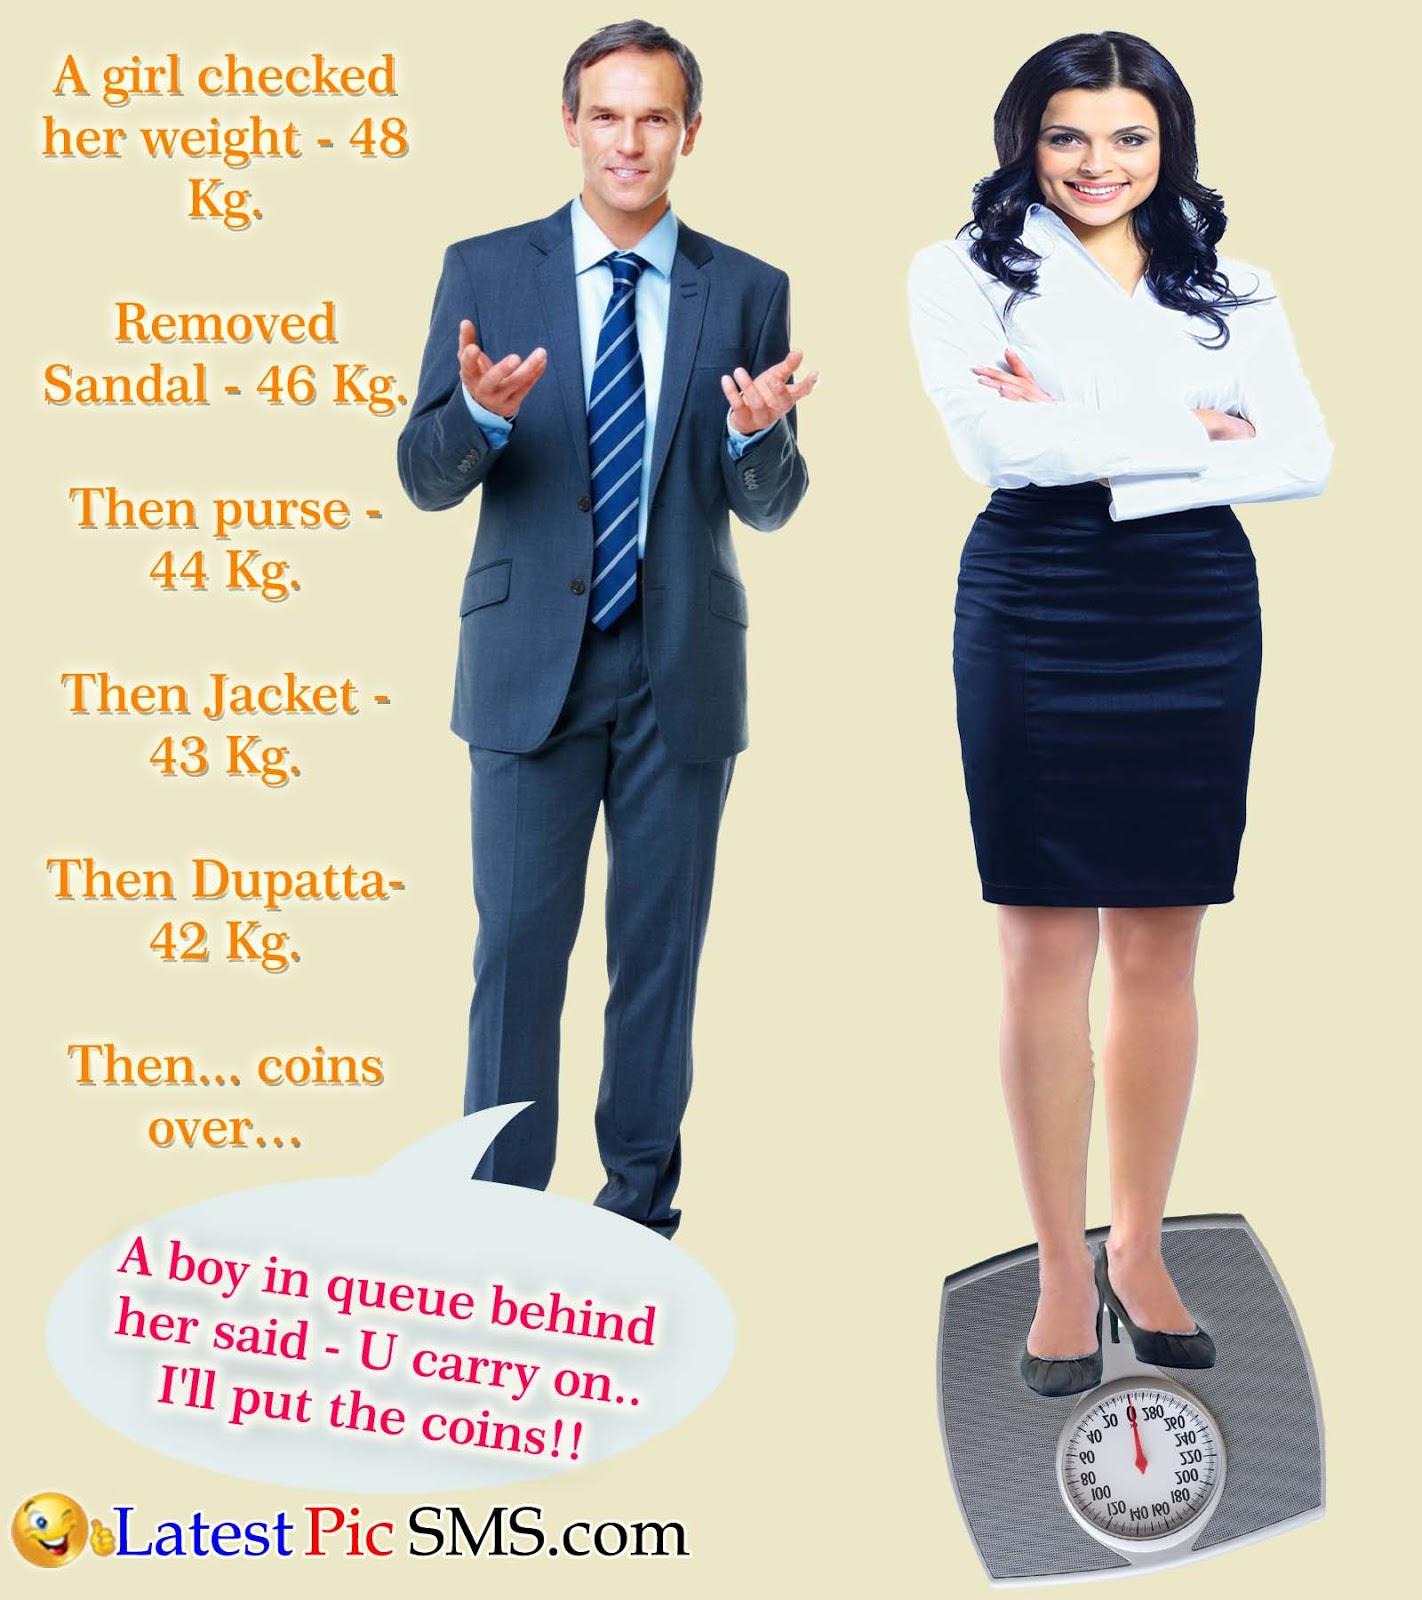 girl weight jokes - Non Veg Jokes with Photos for Whatsapp & Facebook